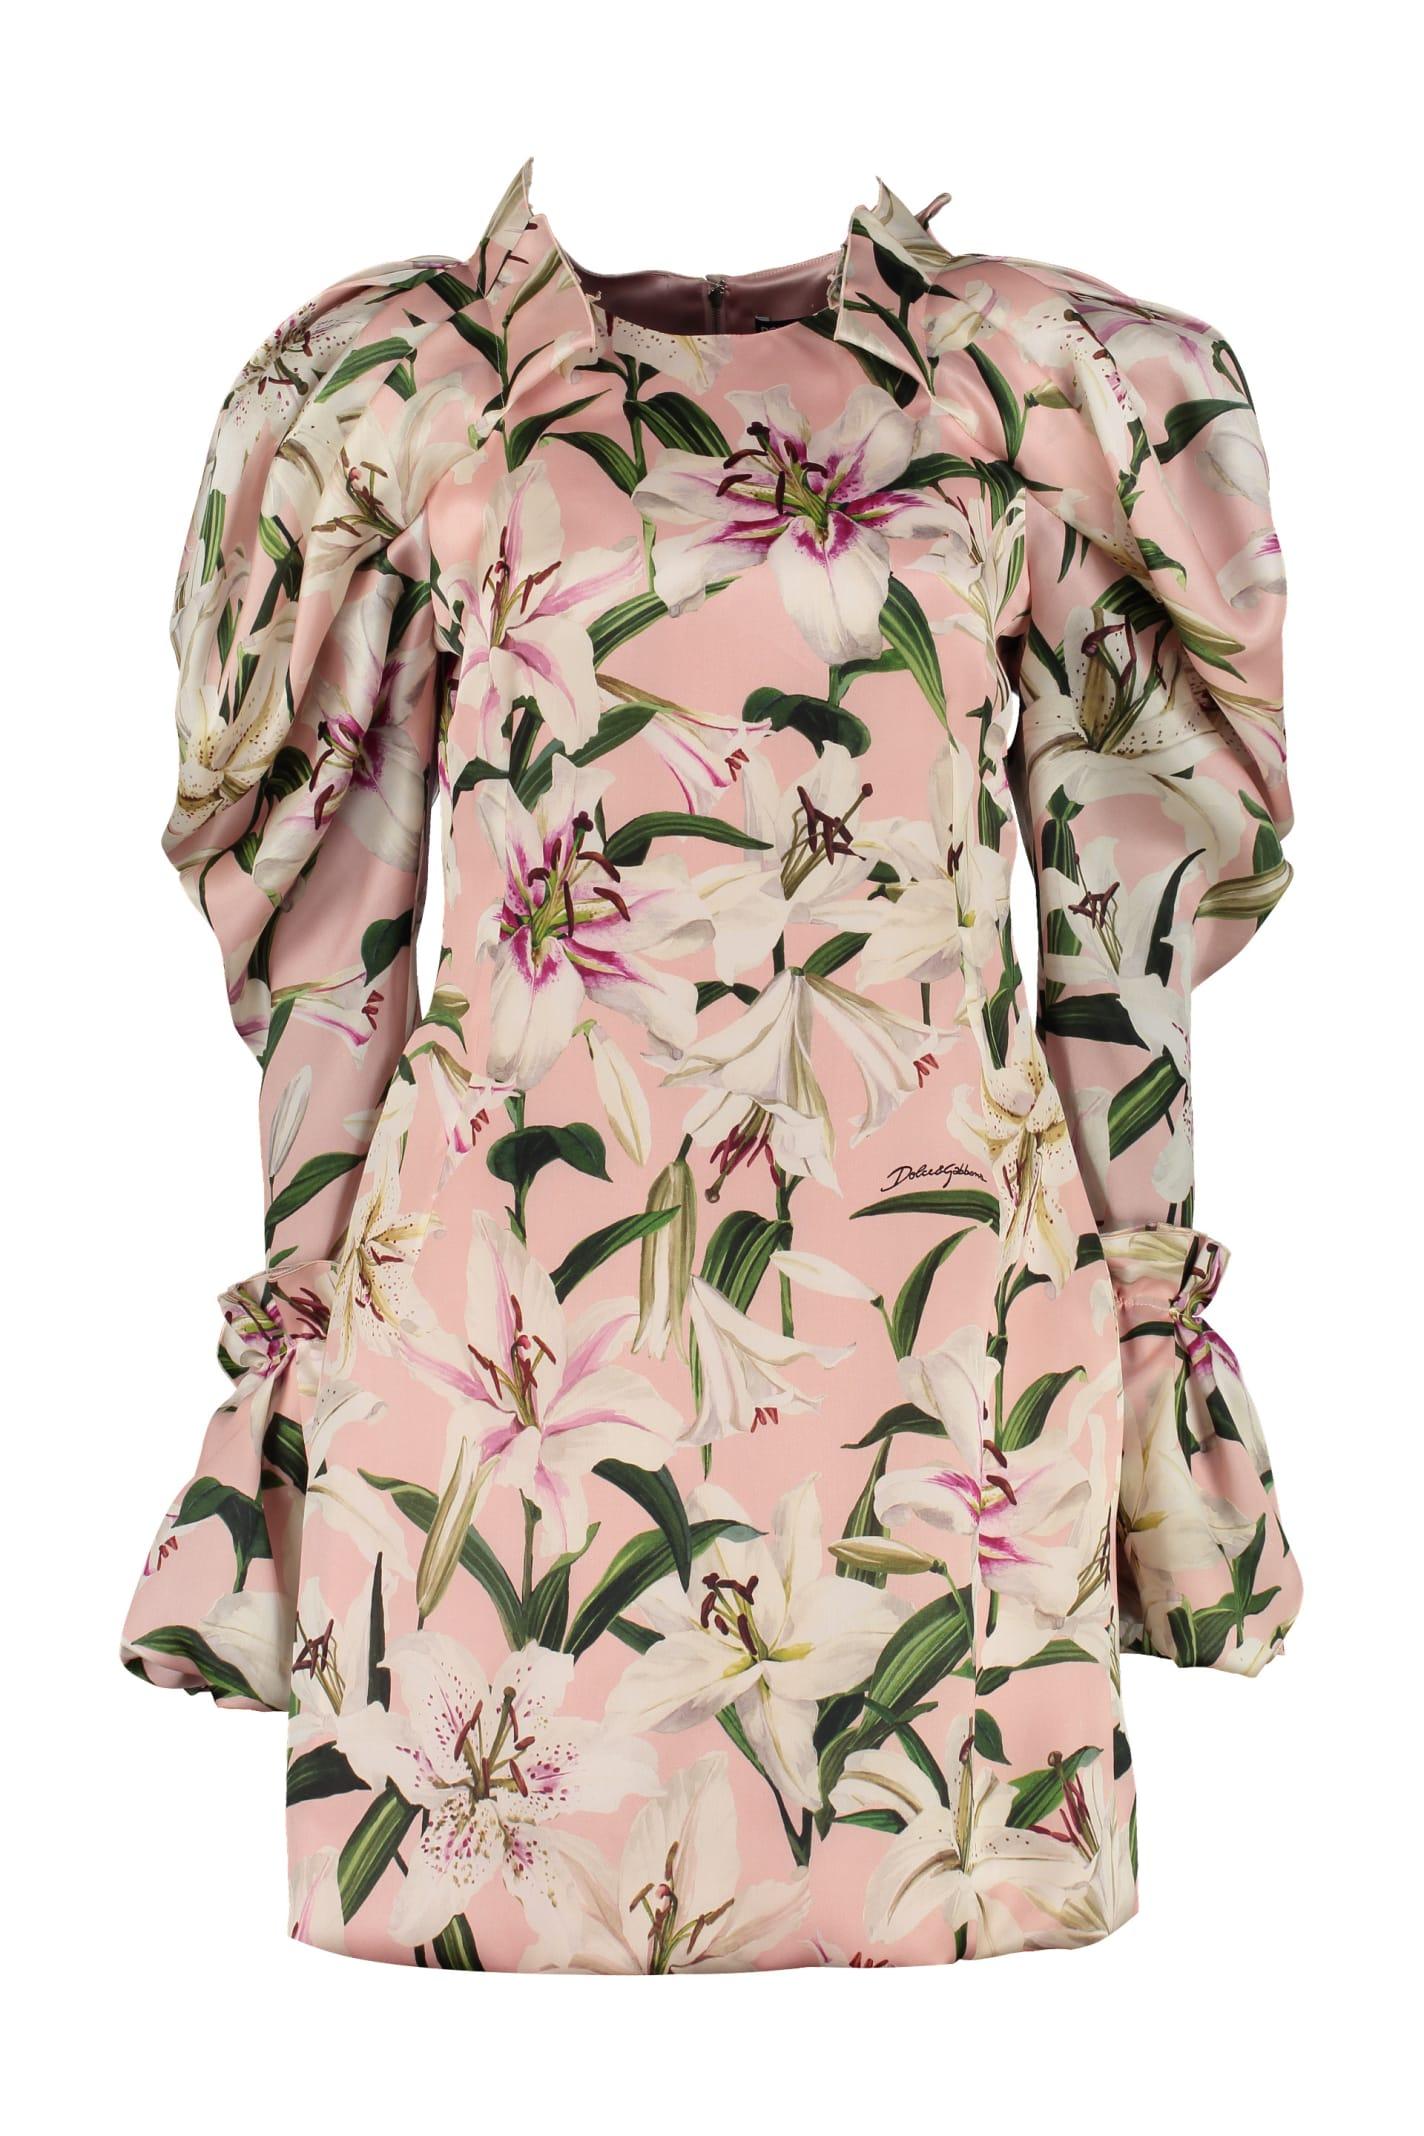 Dolce & Gabbana Printed Satin Dress